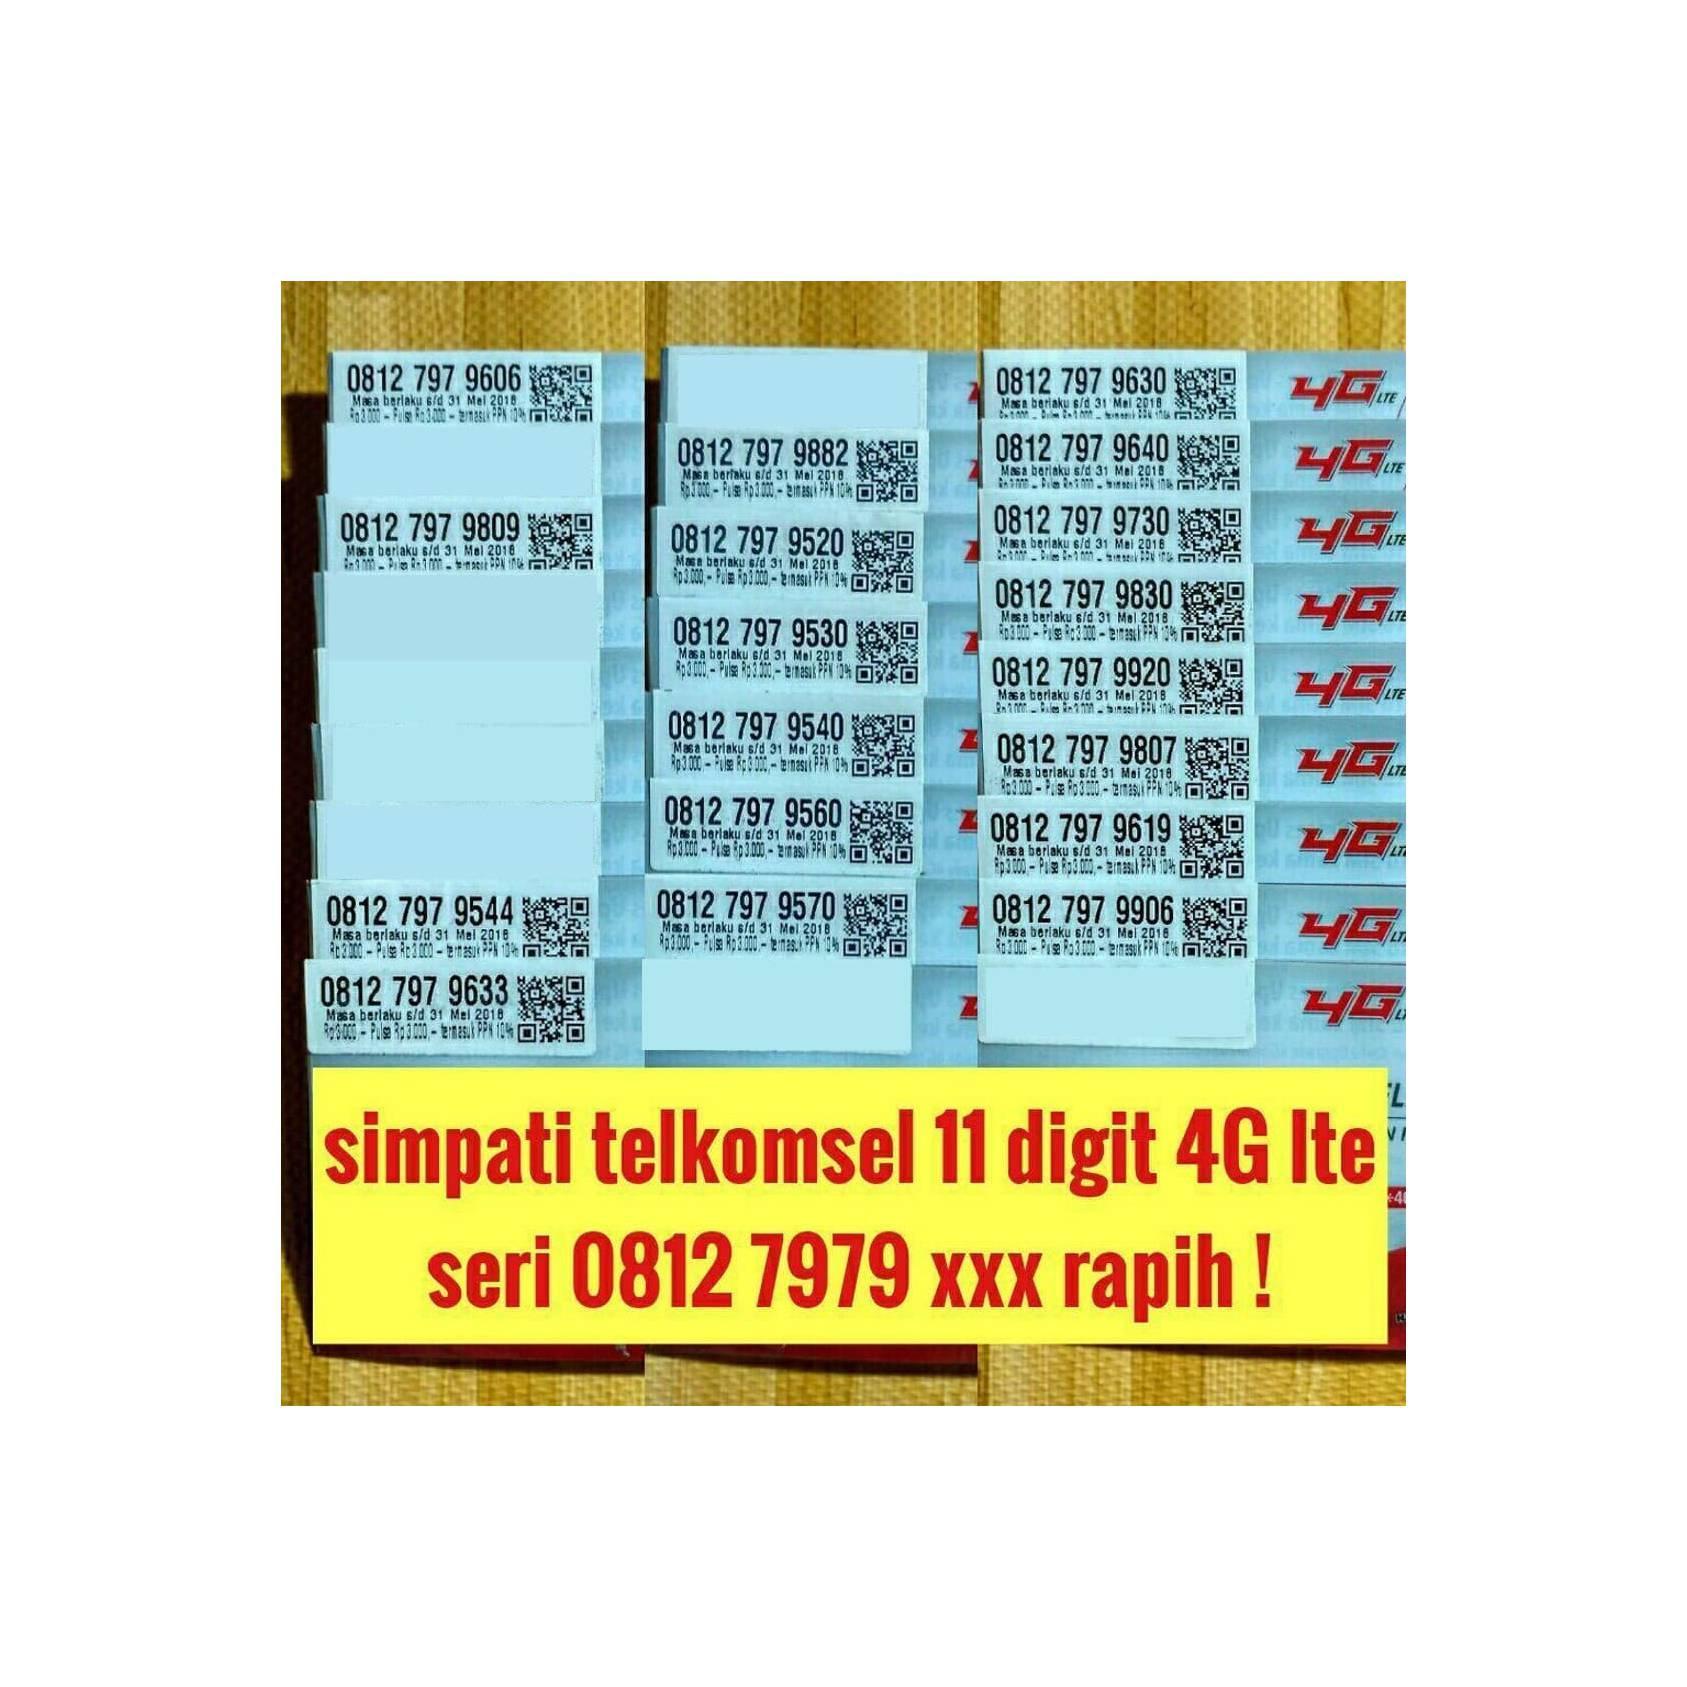 Kehebatan Kartu Perdana Simpati Internet 11gb Dan Harga Update Nomor Cantik Pilihan 11 Digit Telkomsel 4g Lte